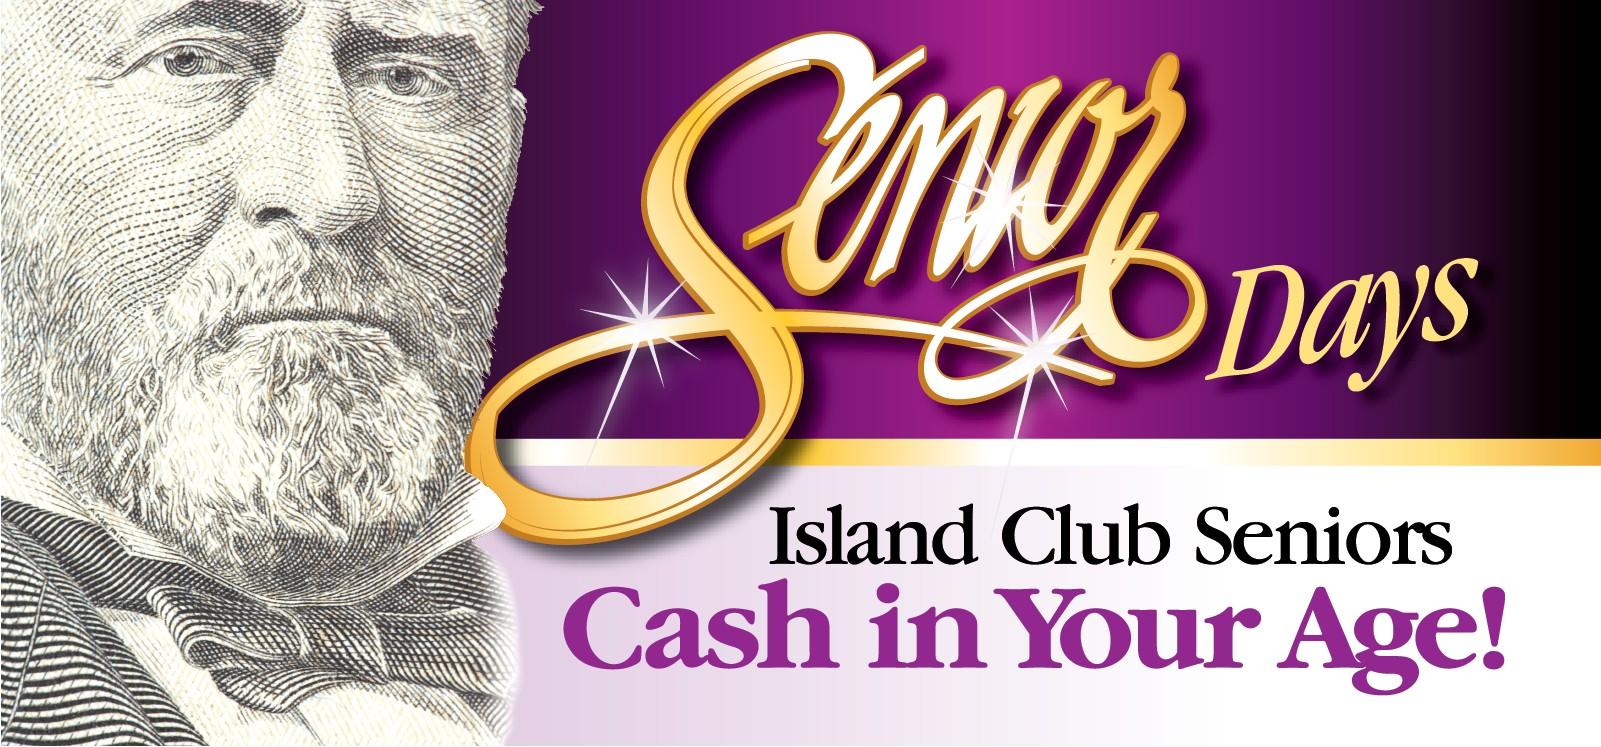 Seniors Cash January '15